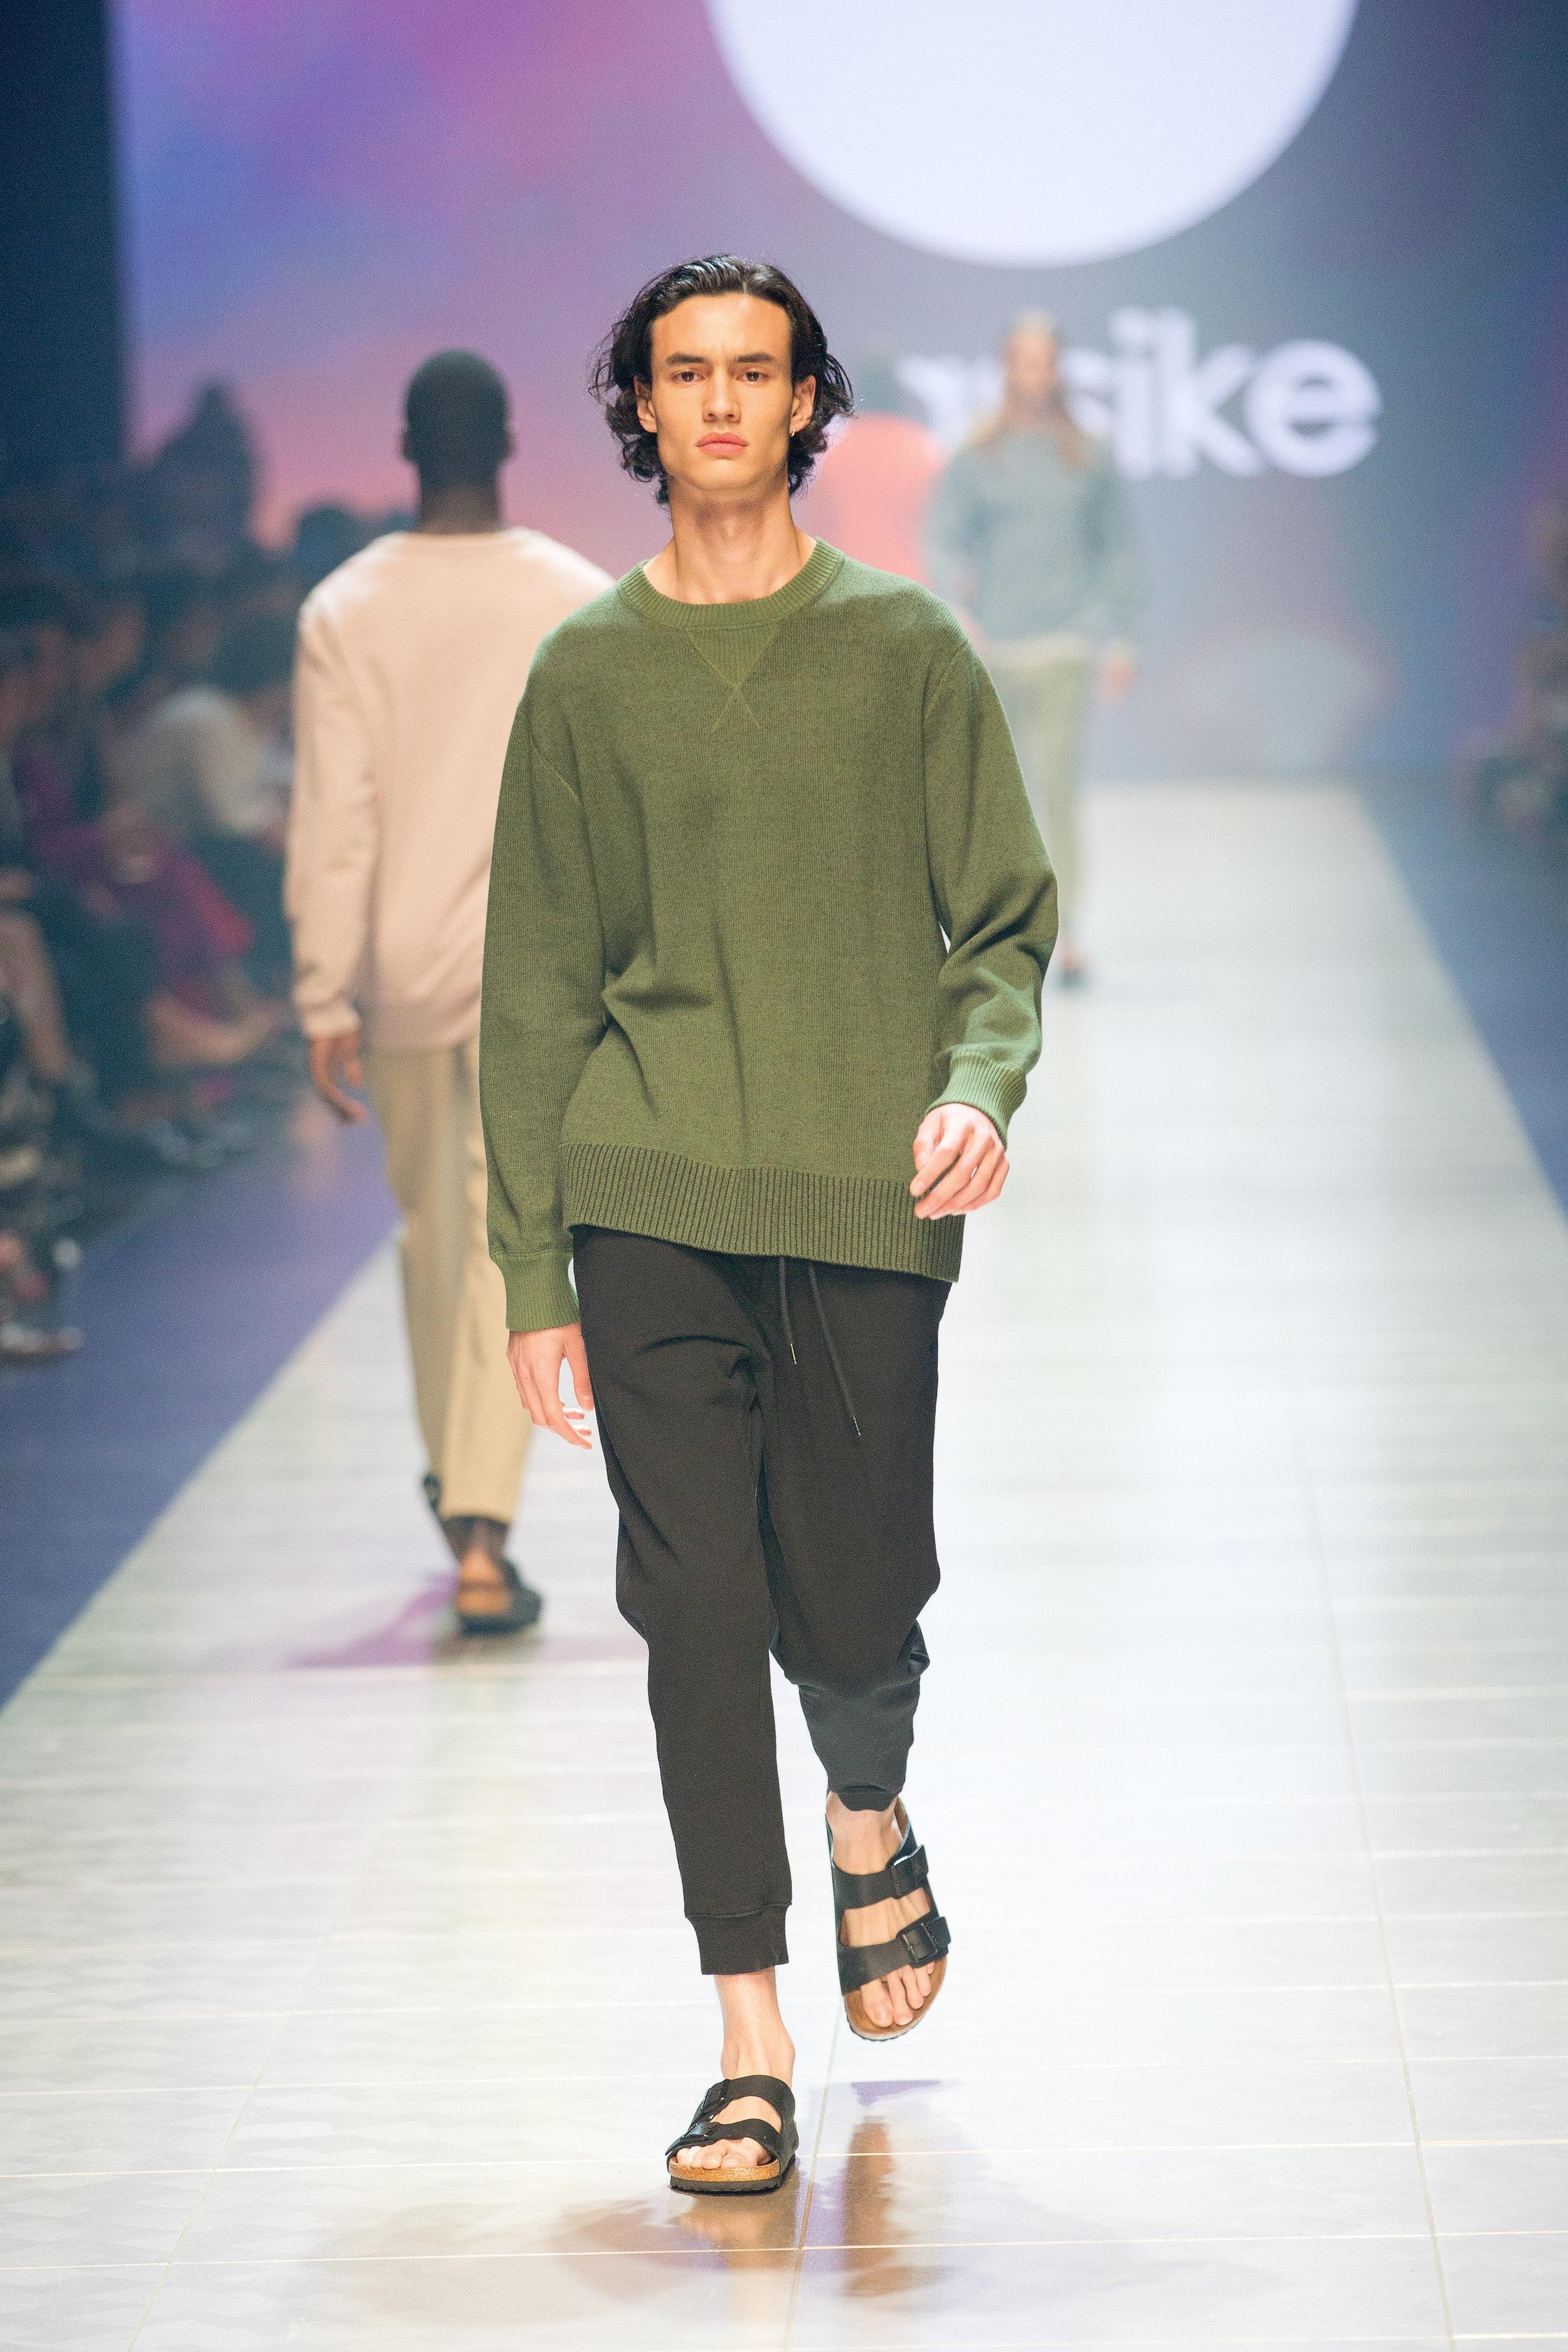 VAMFF2019_GQ Menswear-225.jpg